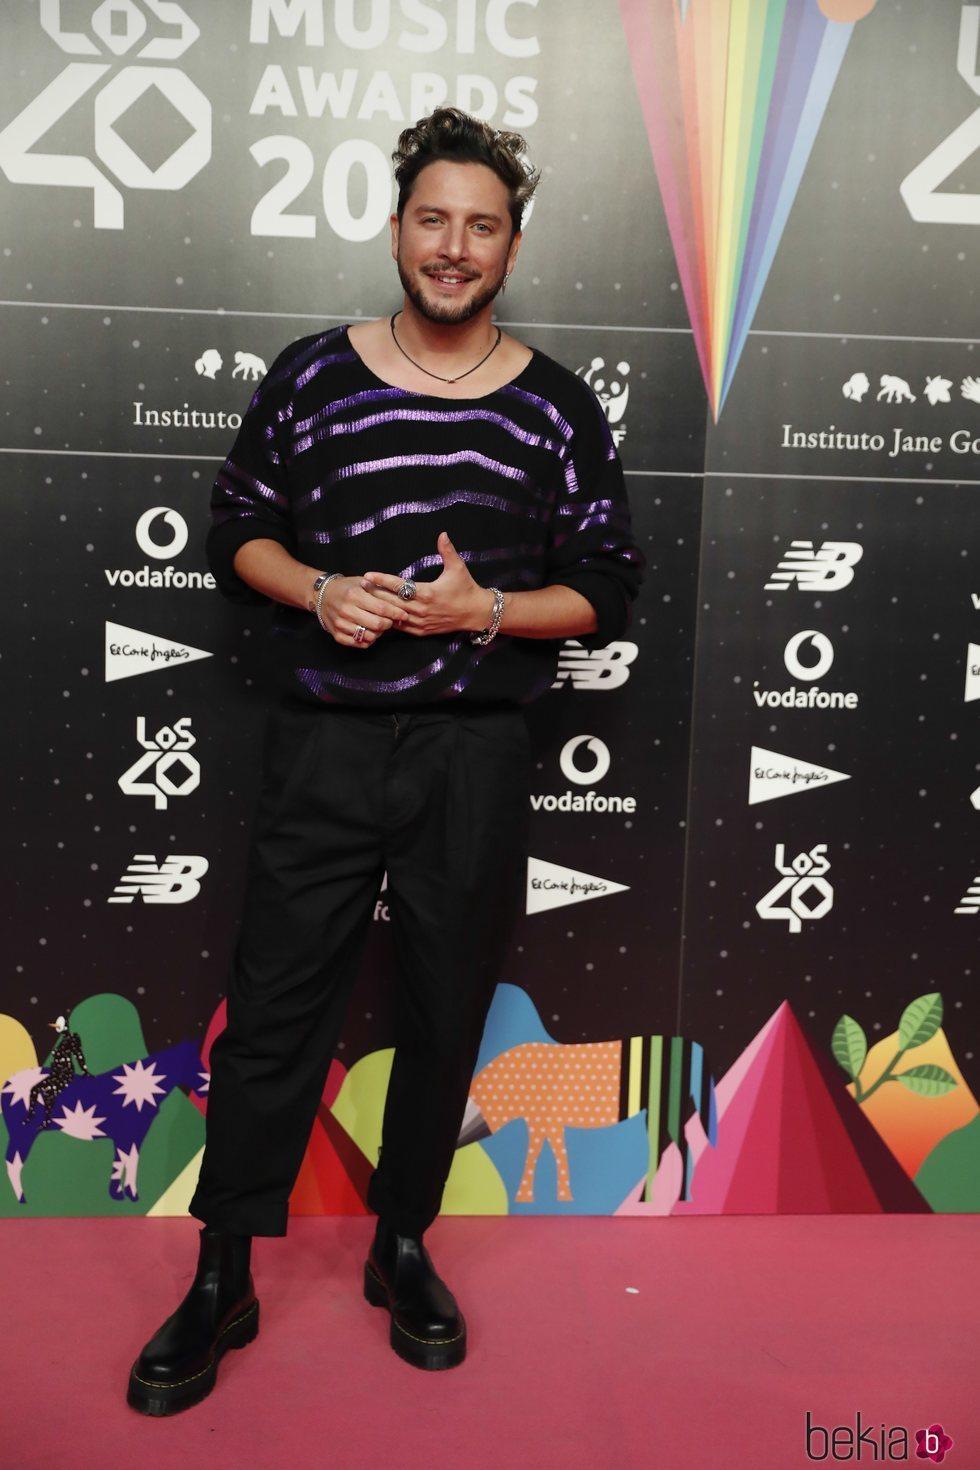 Manuel Carrasco en la cena de nominados de Los 40 Music Awards 2019